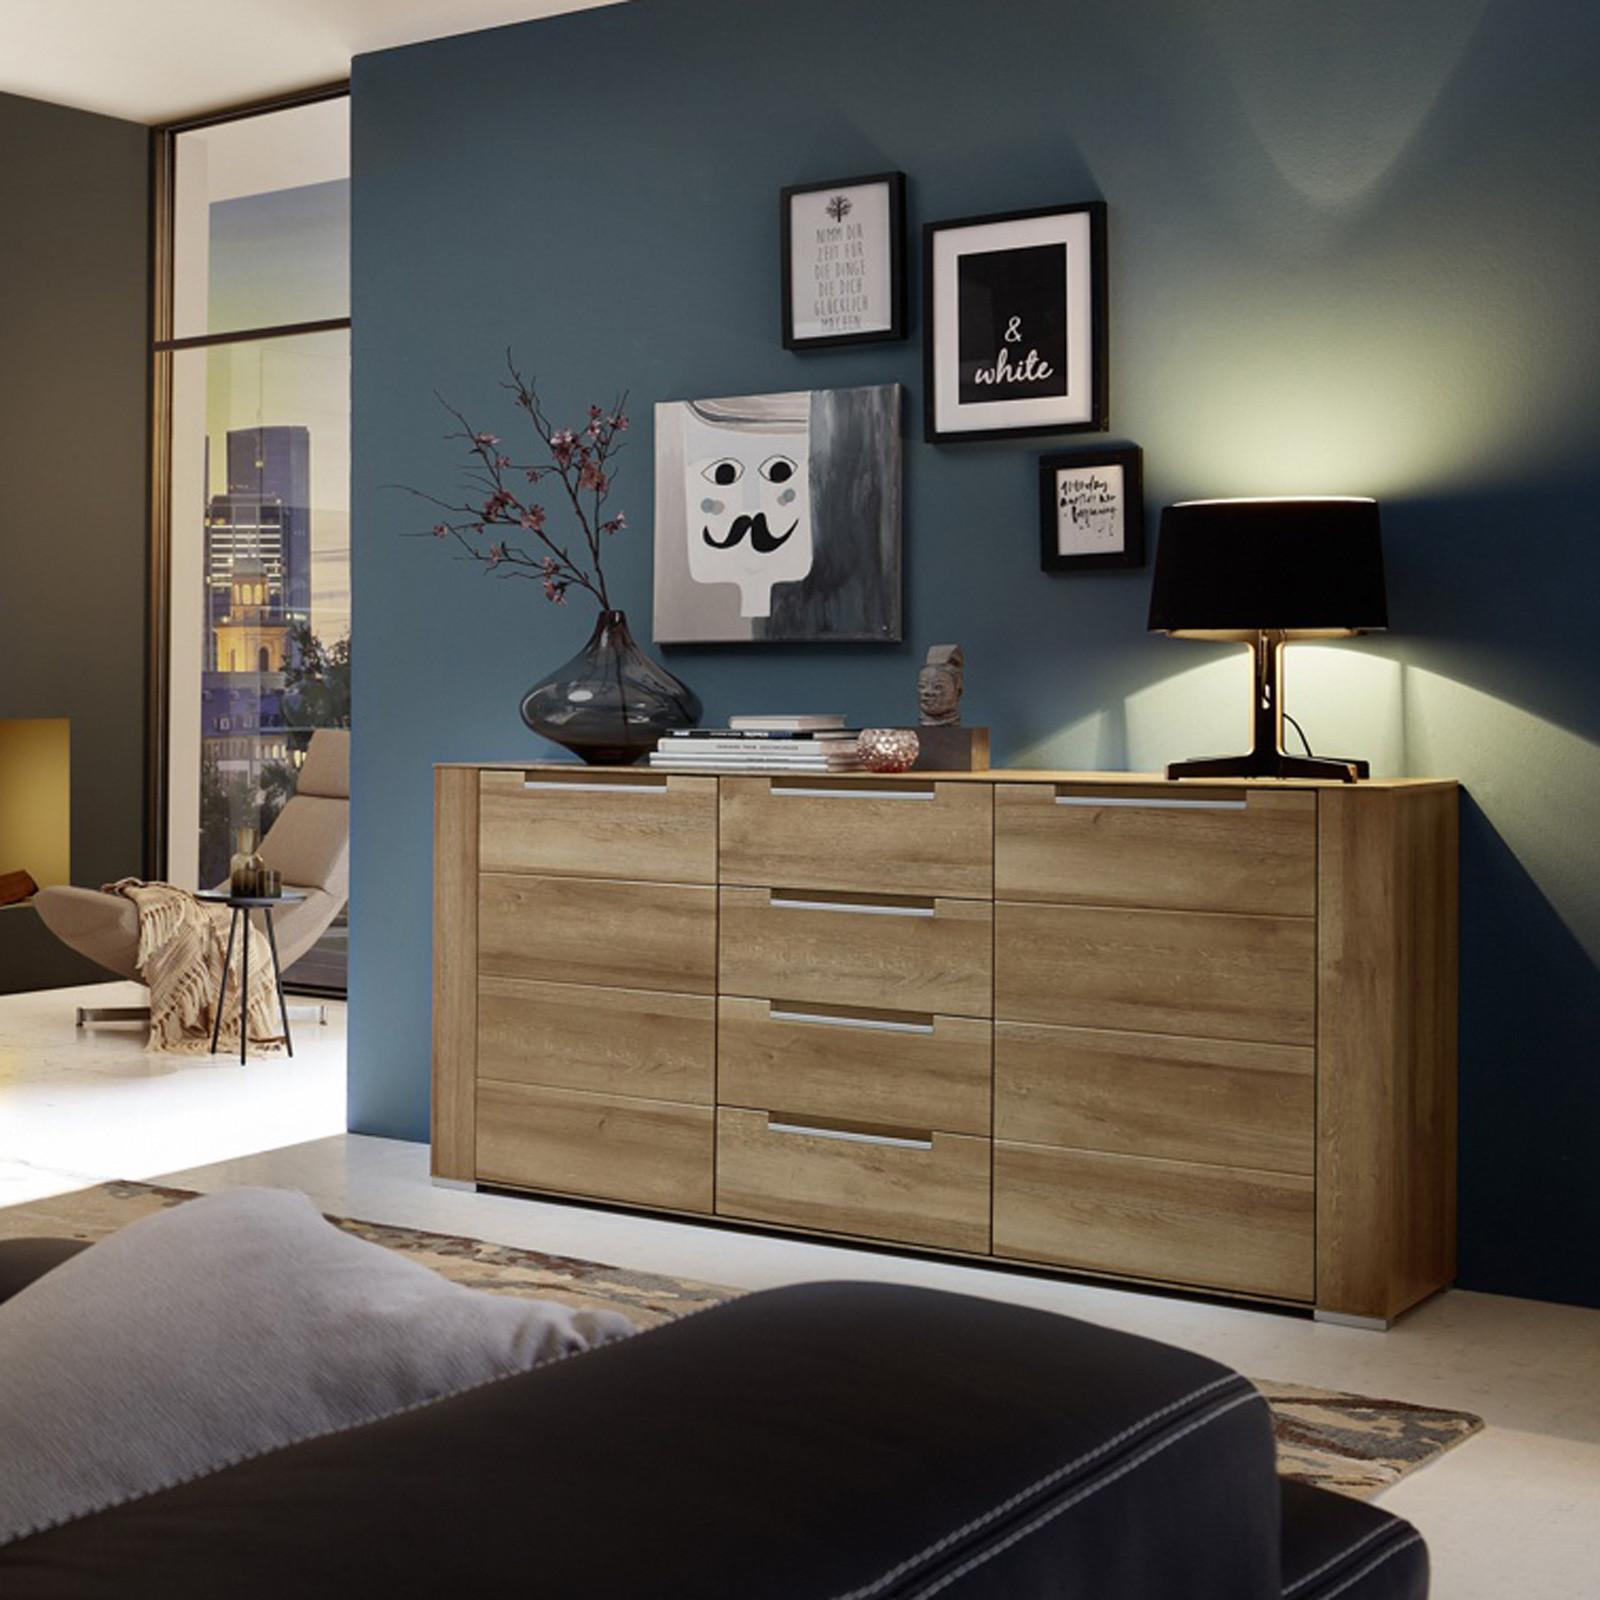 Sideboard Wohnzimmer  Sideboard Dinaro Kommode Anrichte Wohnzimmer Schrank in